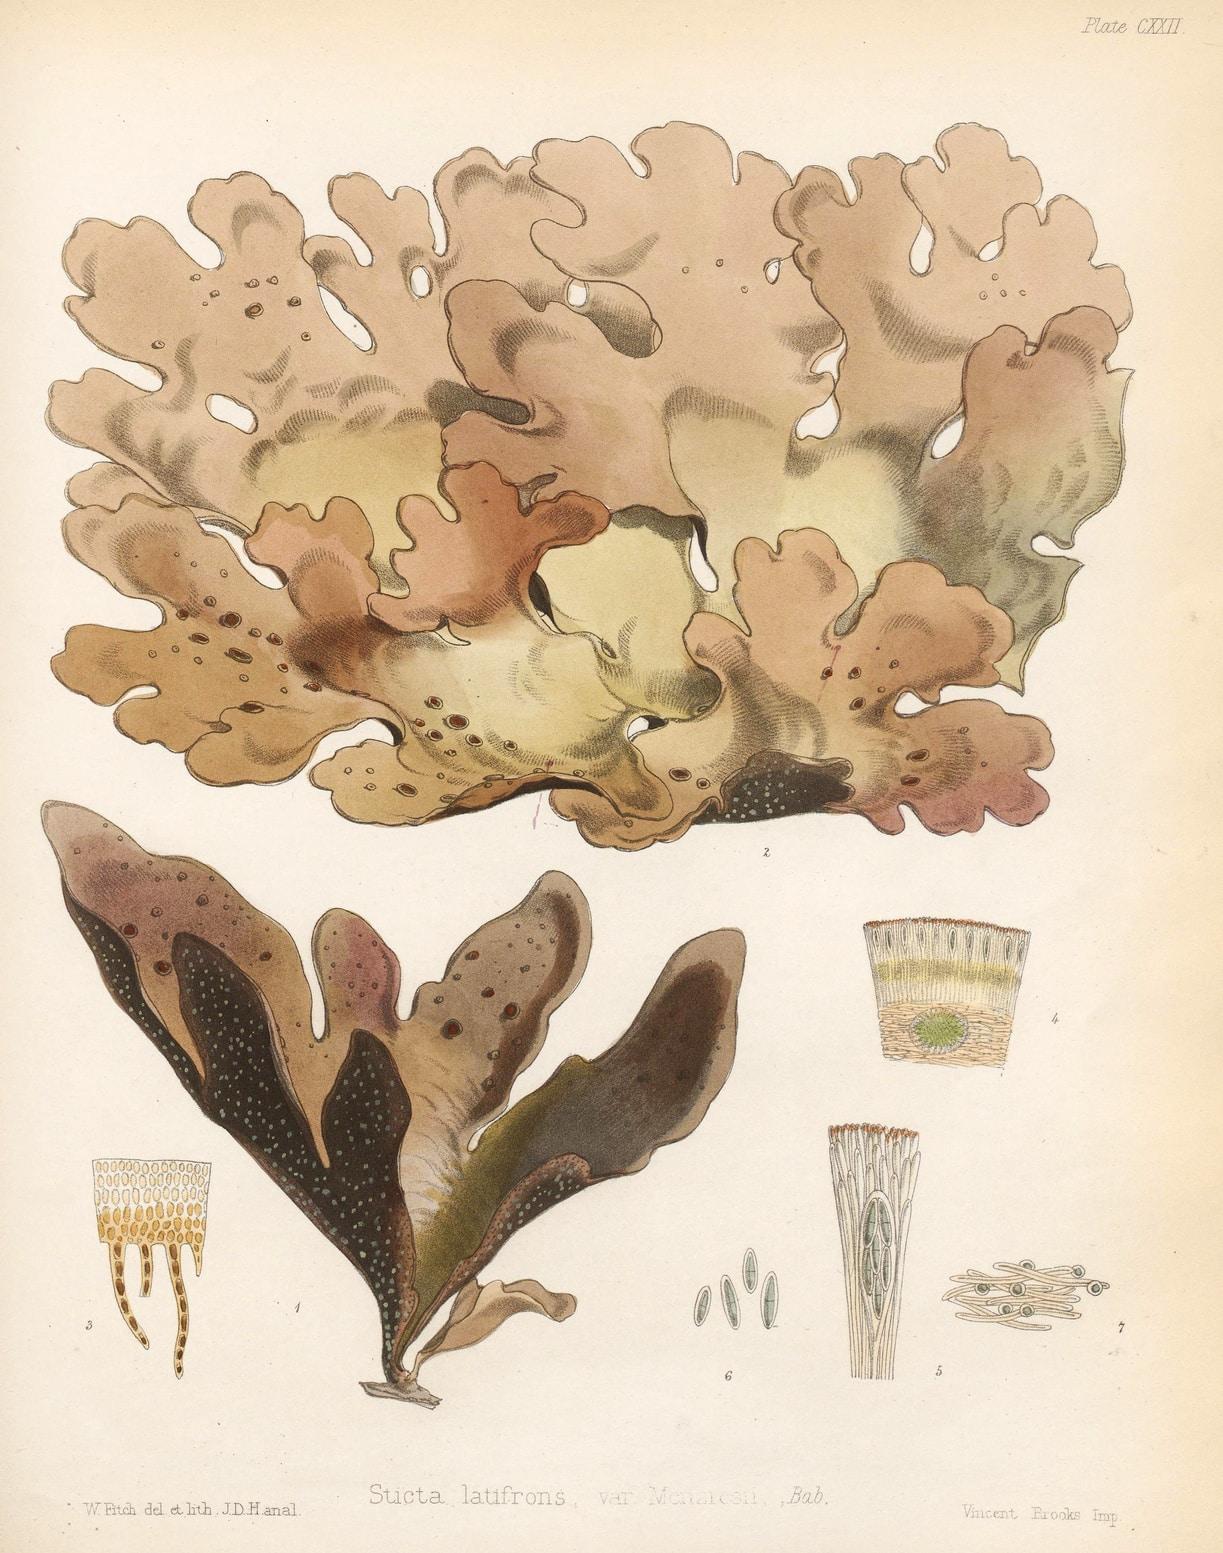 Erfahre mehr über Sticta Globuli in der Homöopathie und bei welchen Krankheiten es angewendet wird. Fotolia © ruskpp